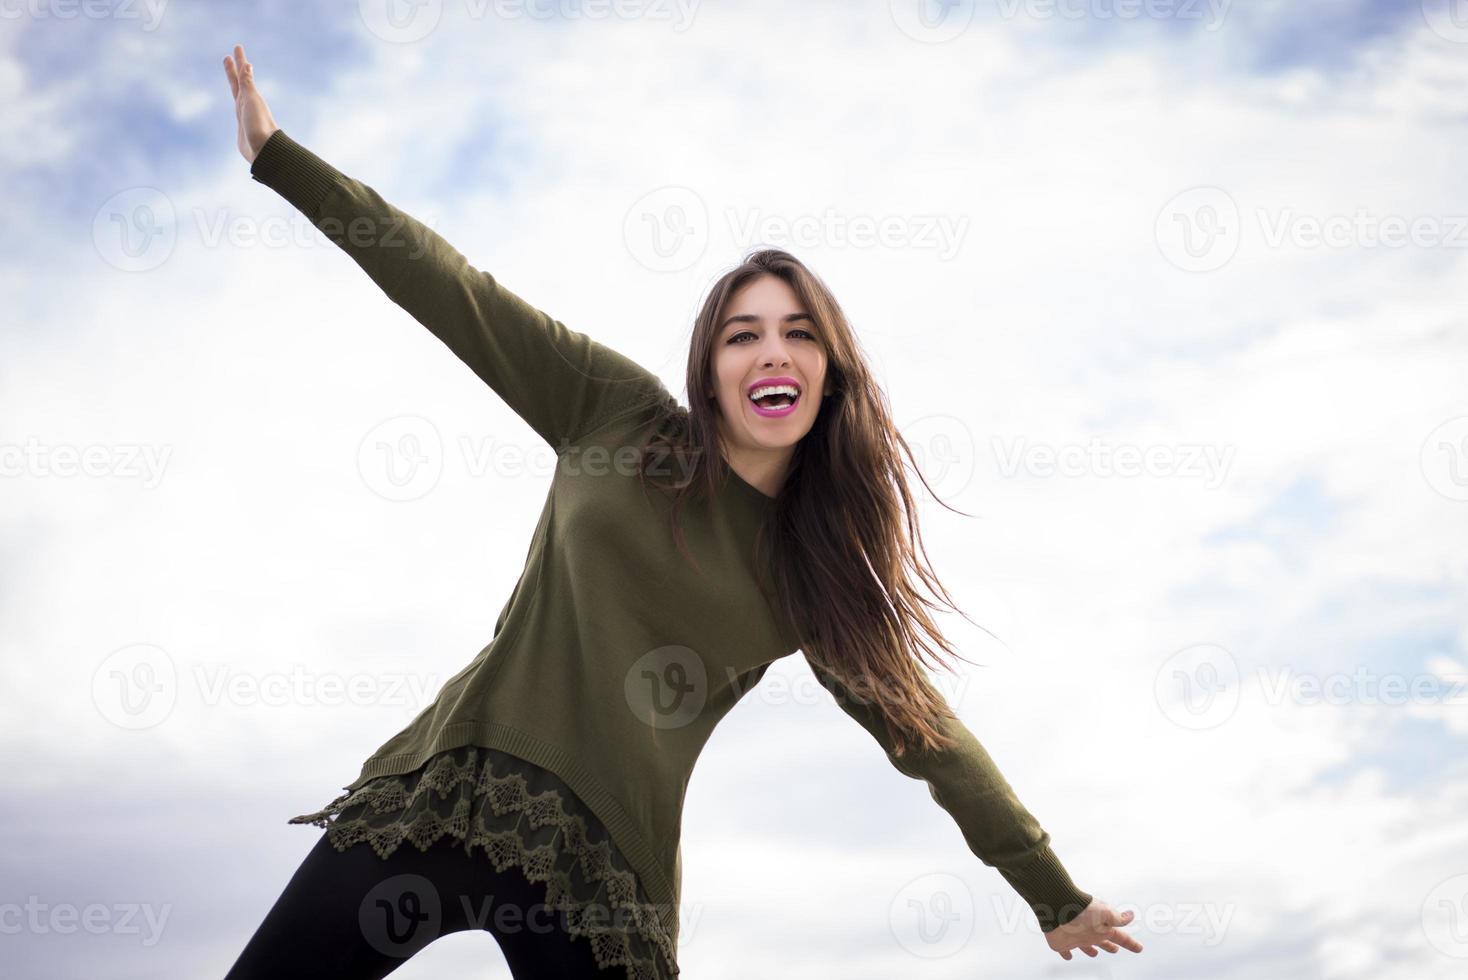 glückliche Mädchen Arme ausgestreckt. foto